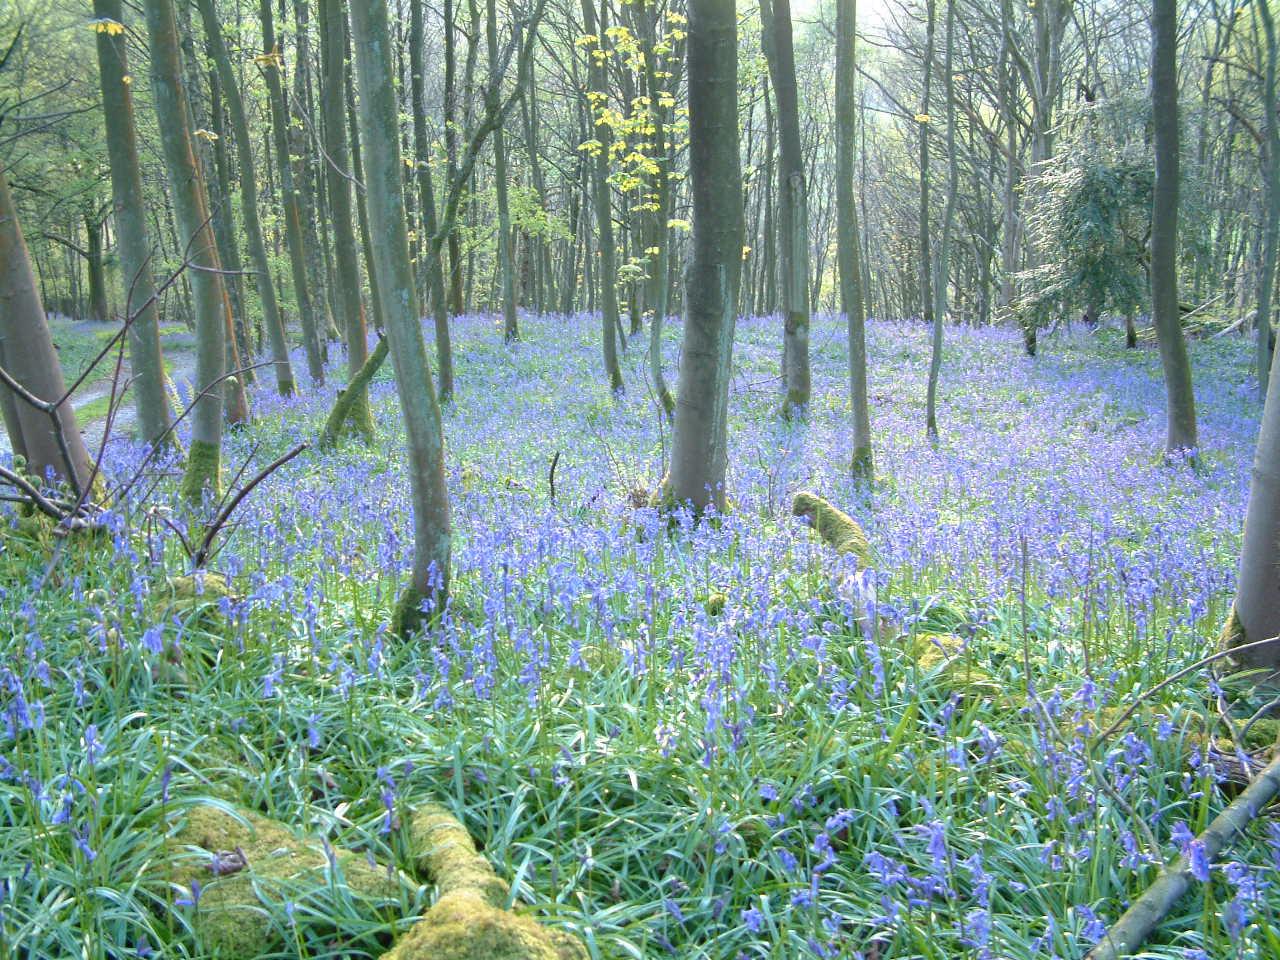 Bluebells in Brigsteer Woods